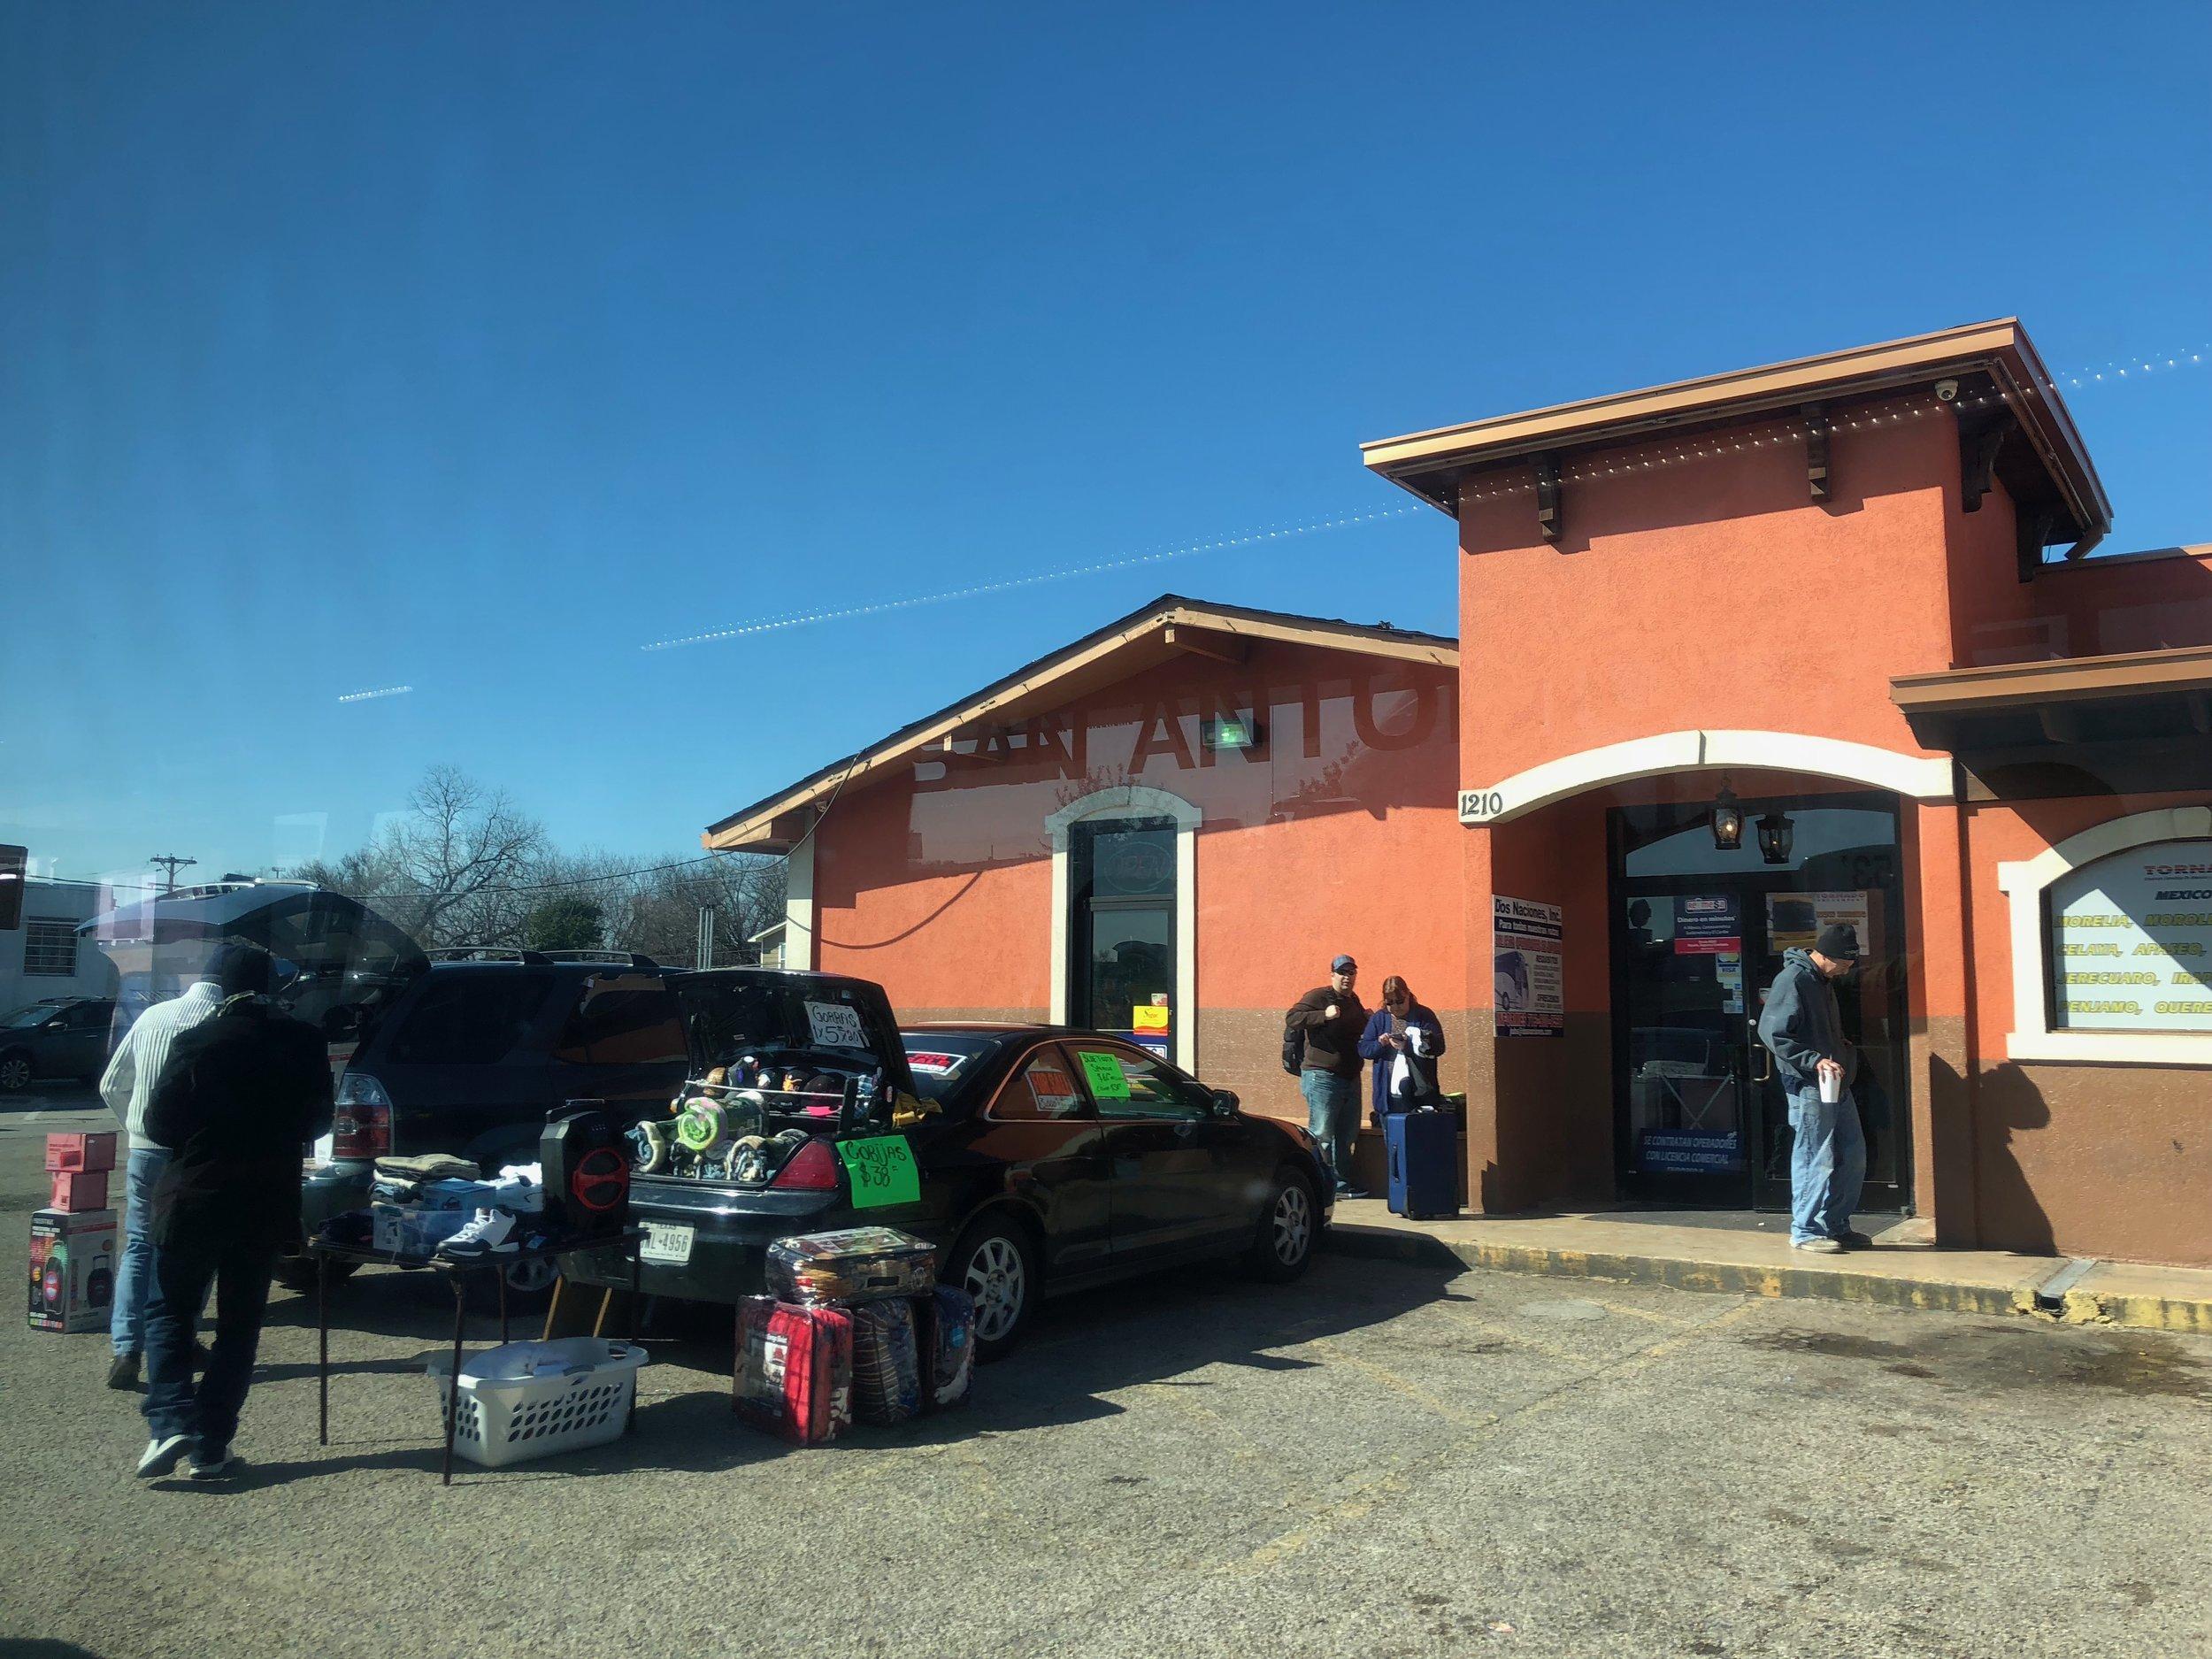 Tornado Bus stop in San Marcos